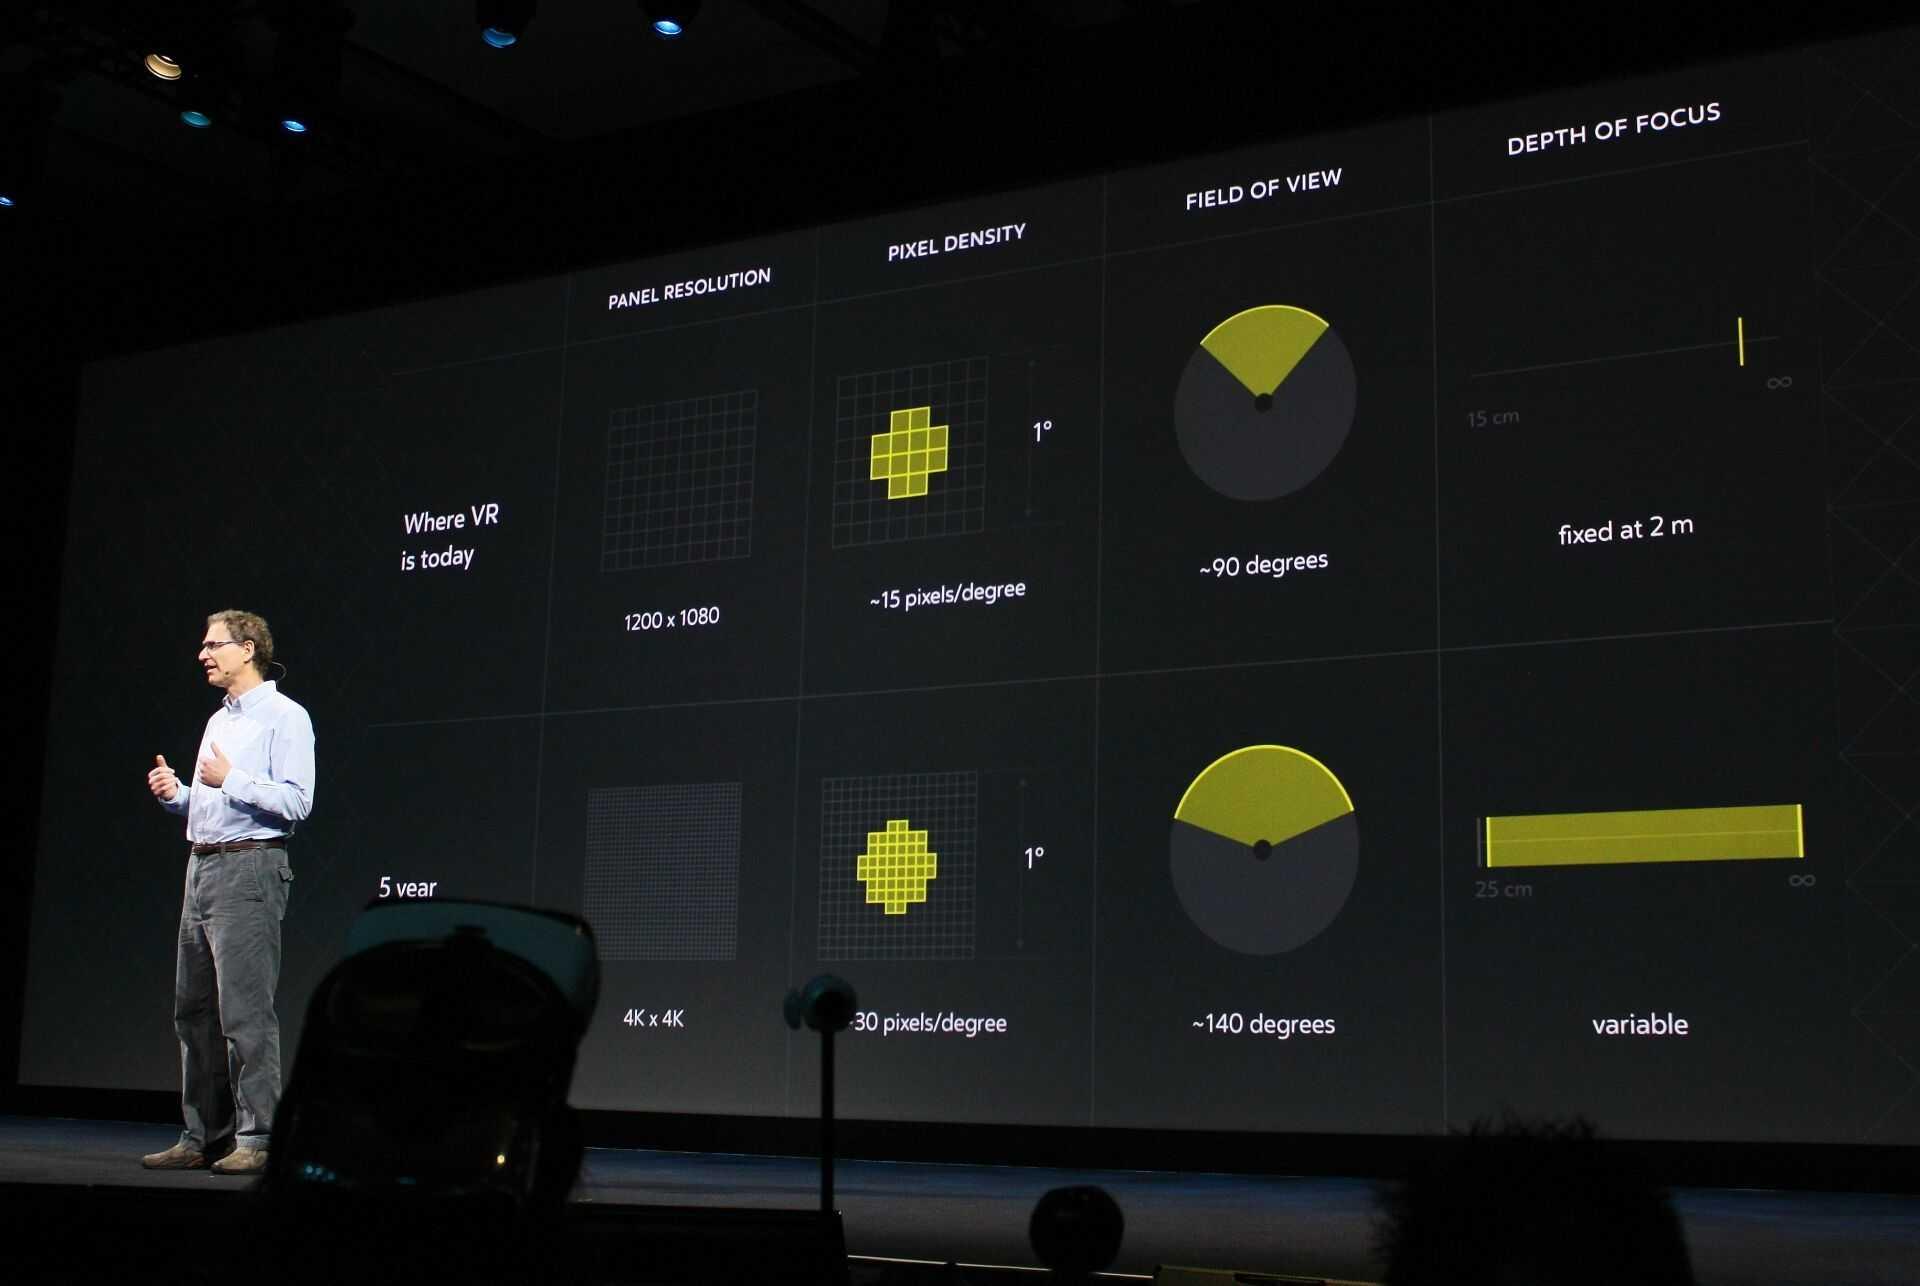 """Michael Abrash, Chief Scientist bei Oculus: """"In fünf Jahren laufen VR-Displays mit 4K x 4K Pixeln, einem Blickwinkel von 140 Grad bei einer Pixeldichte von 30 Pixeln pro Grad und variabler Tiefenschärfe."""""""